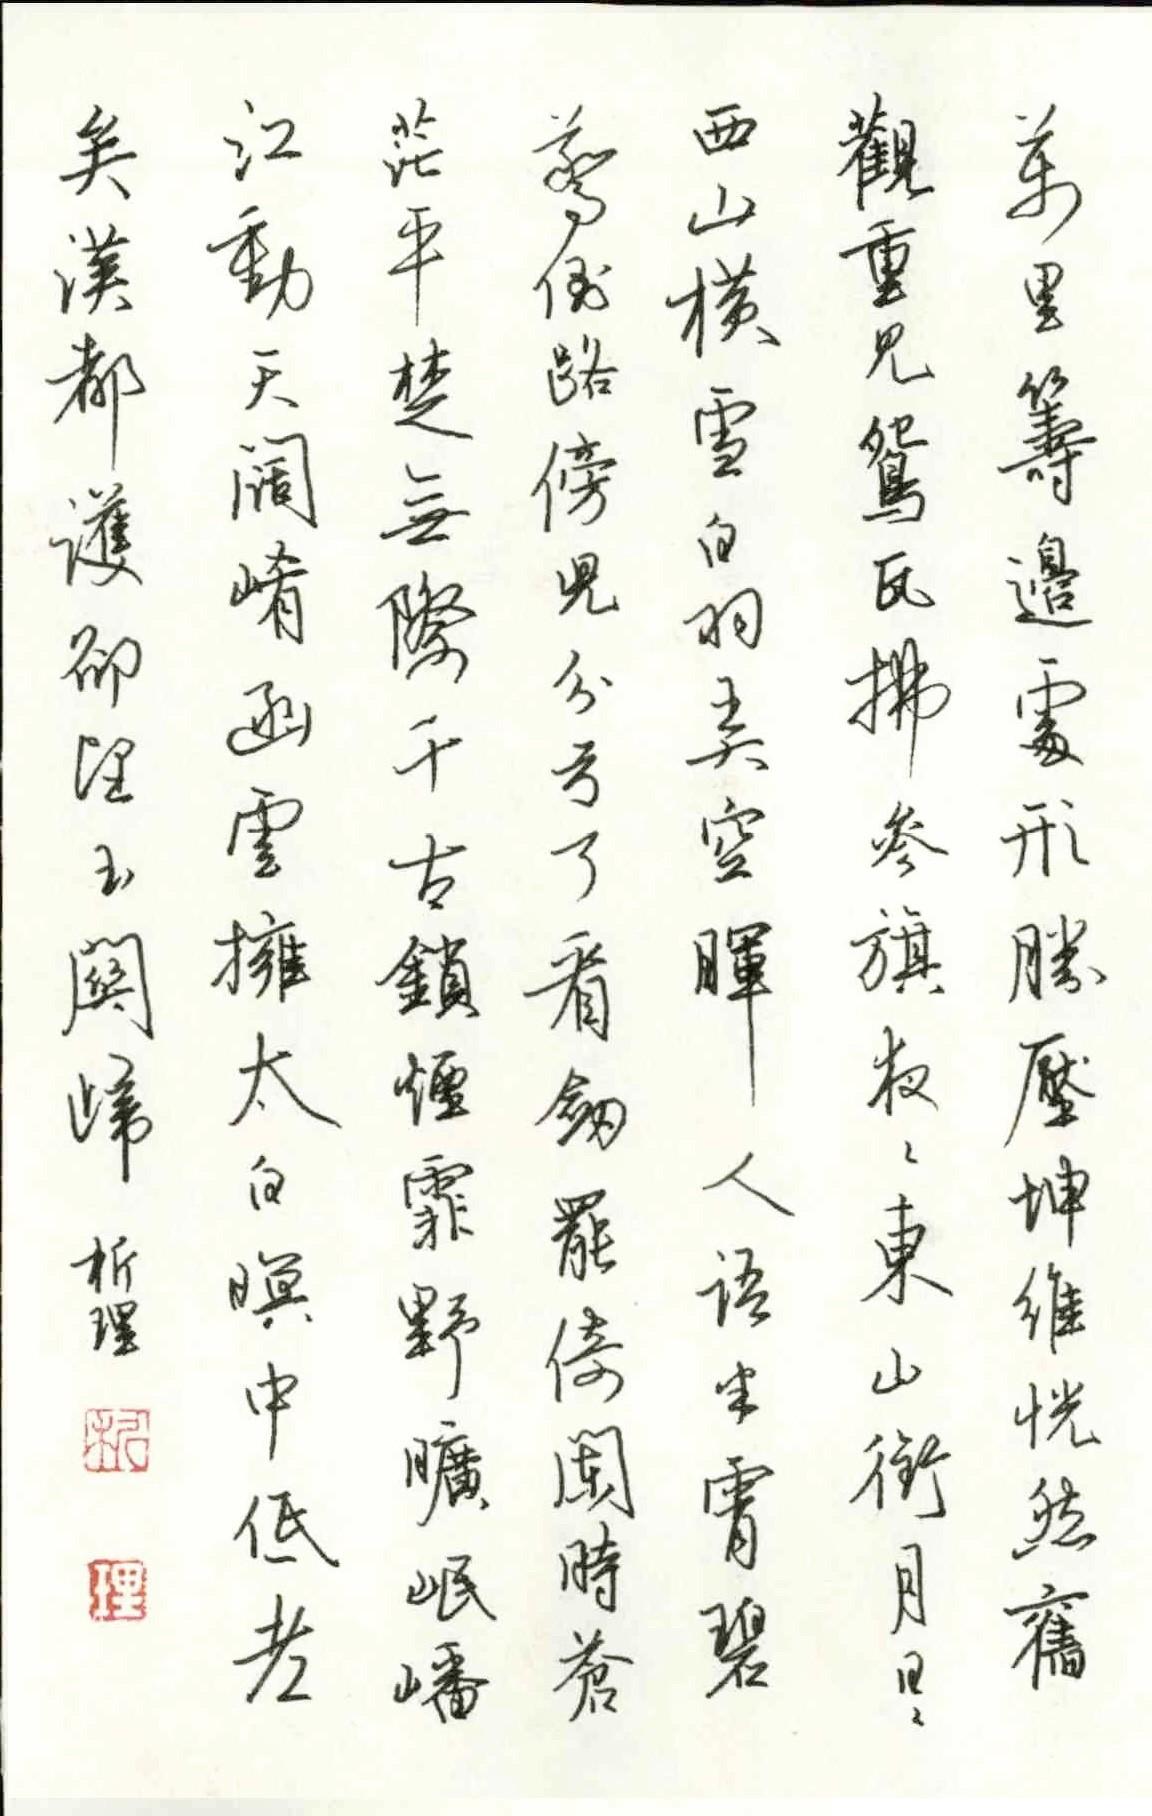 钢笔爱好者练字打卡20210413-06